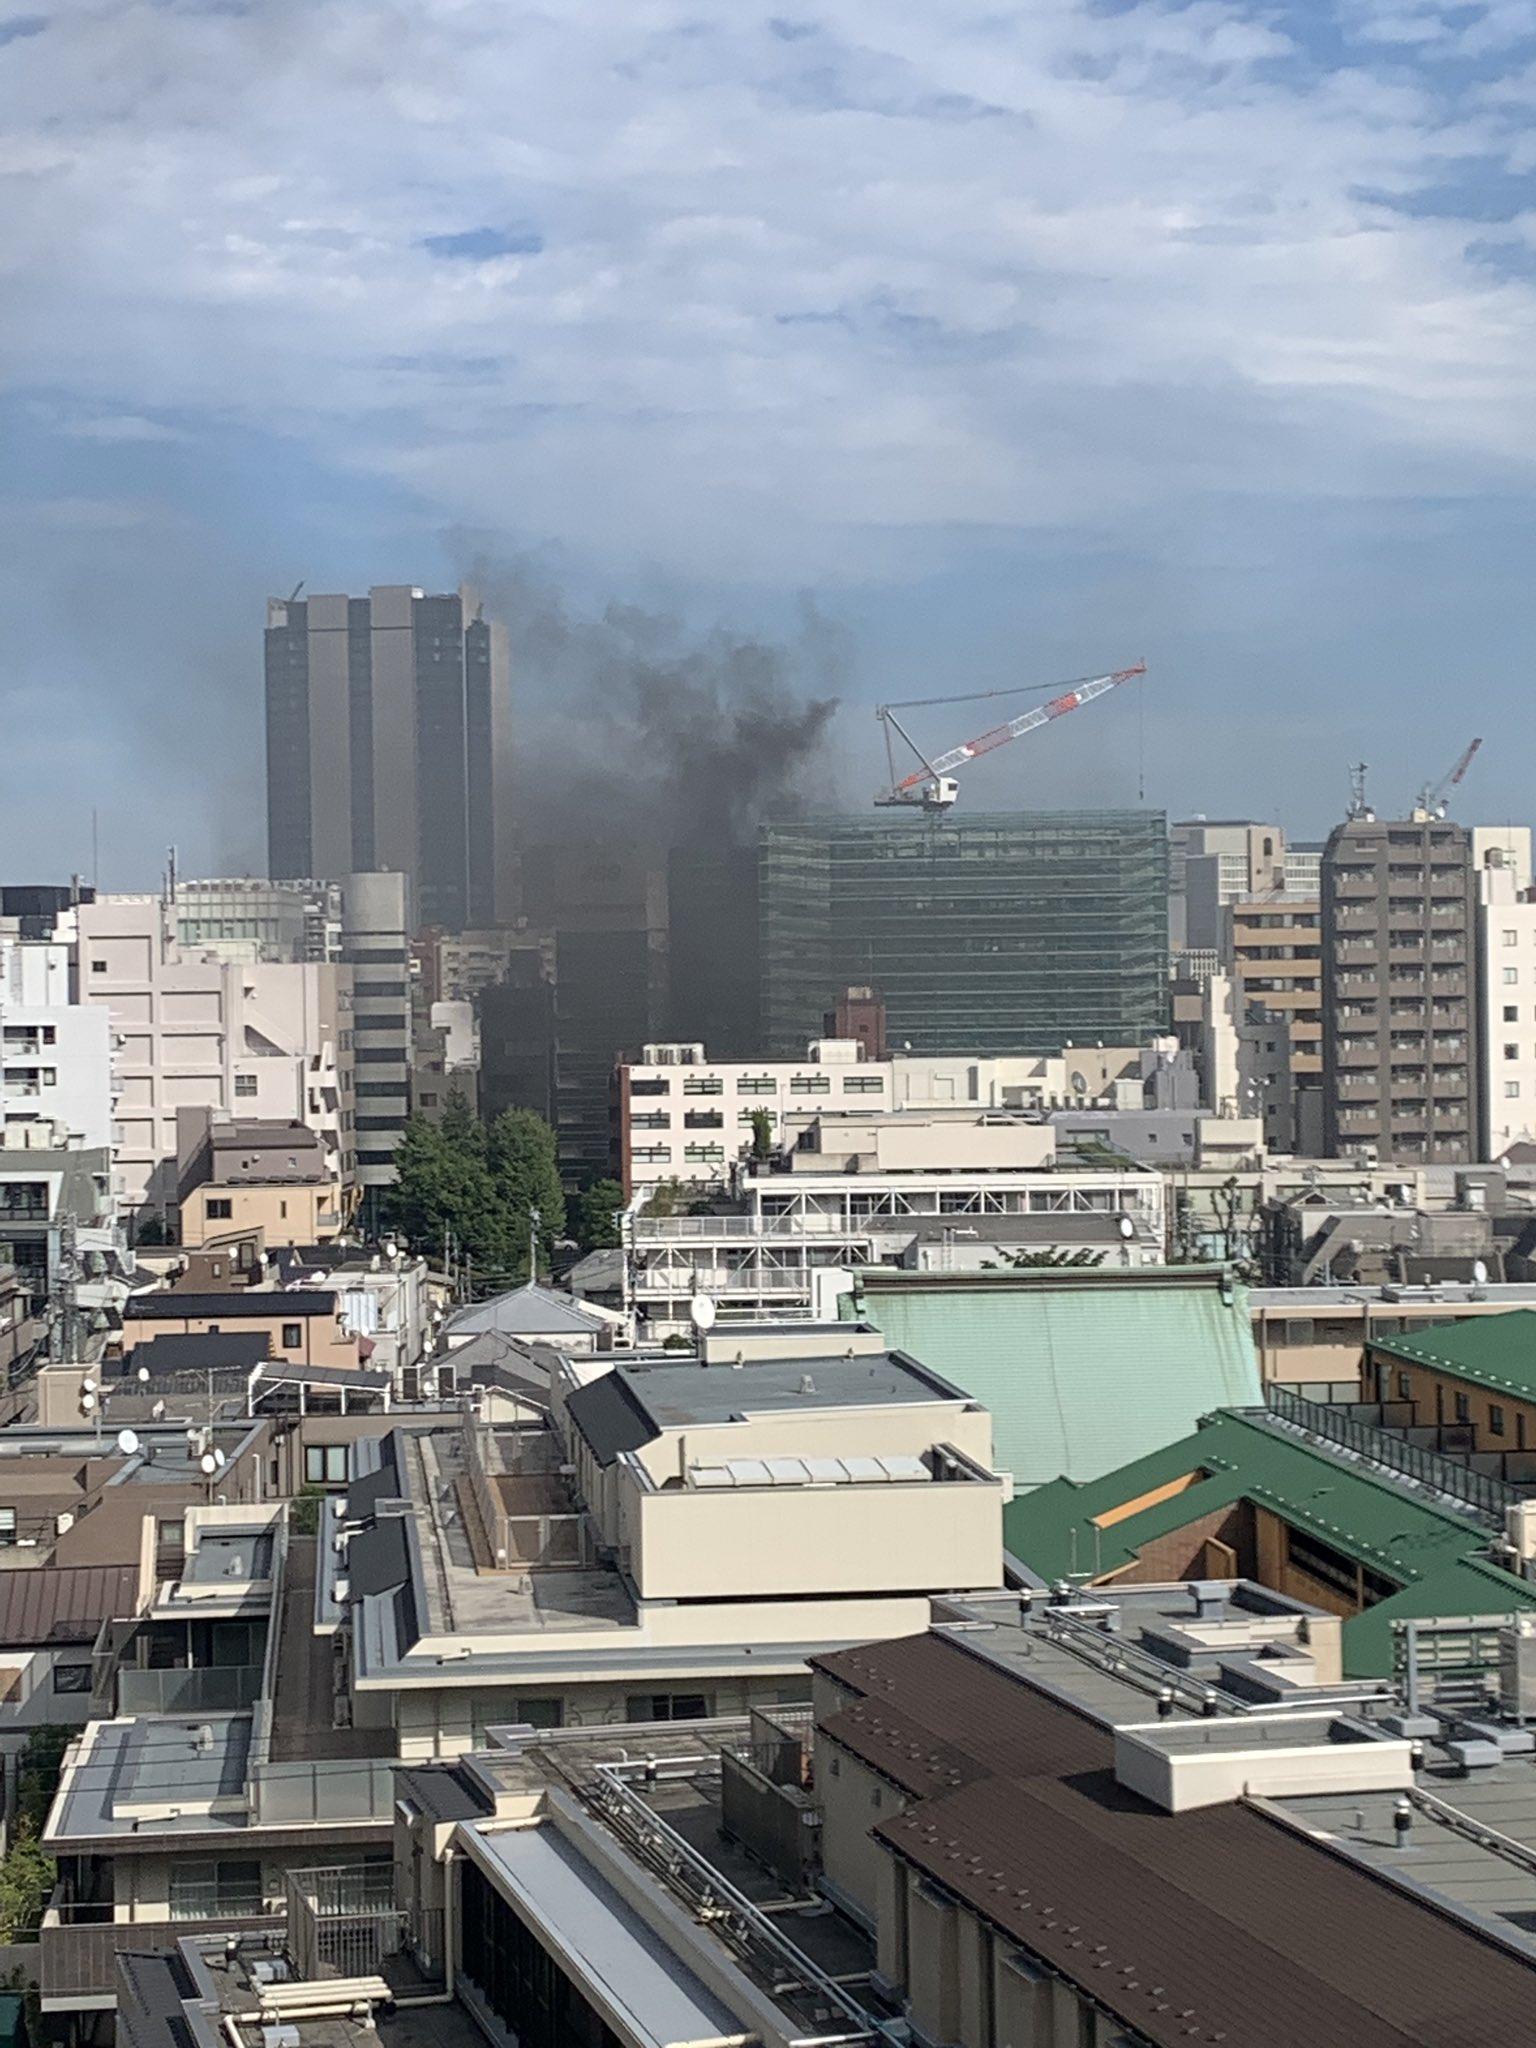 新宿区四谷の建設現場で火事が起きている現場画像